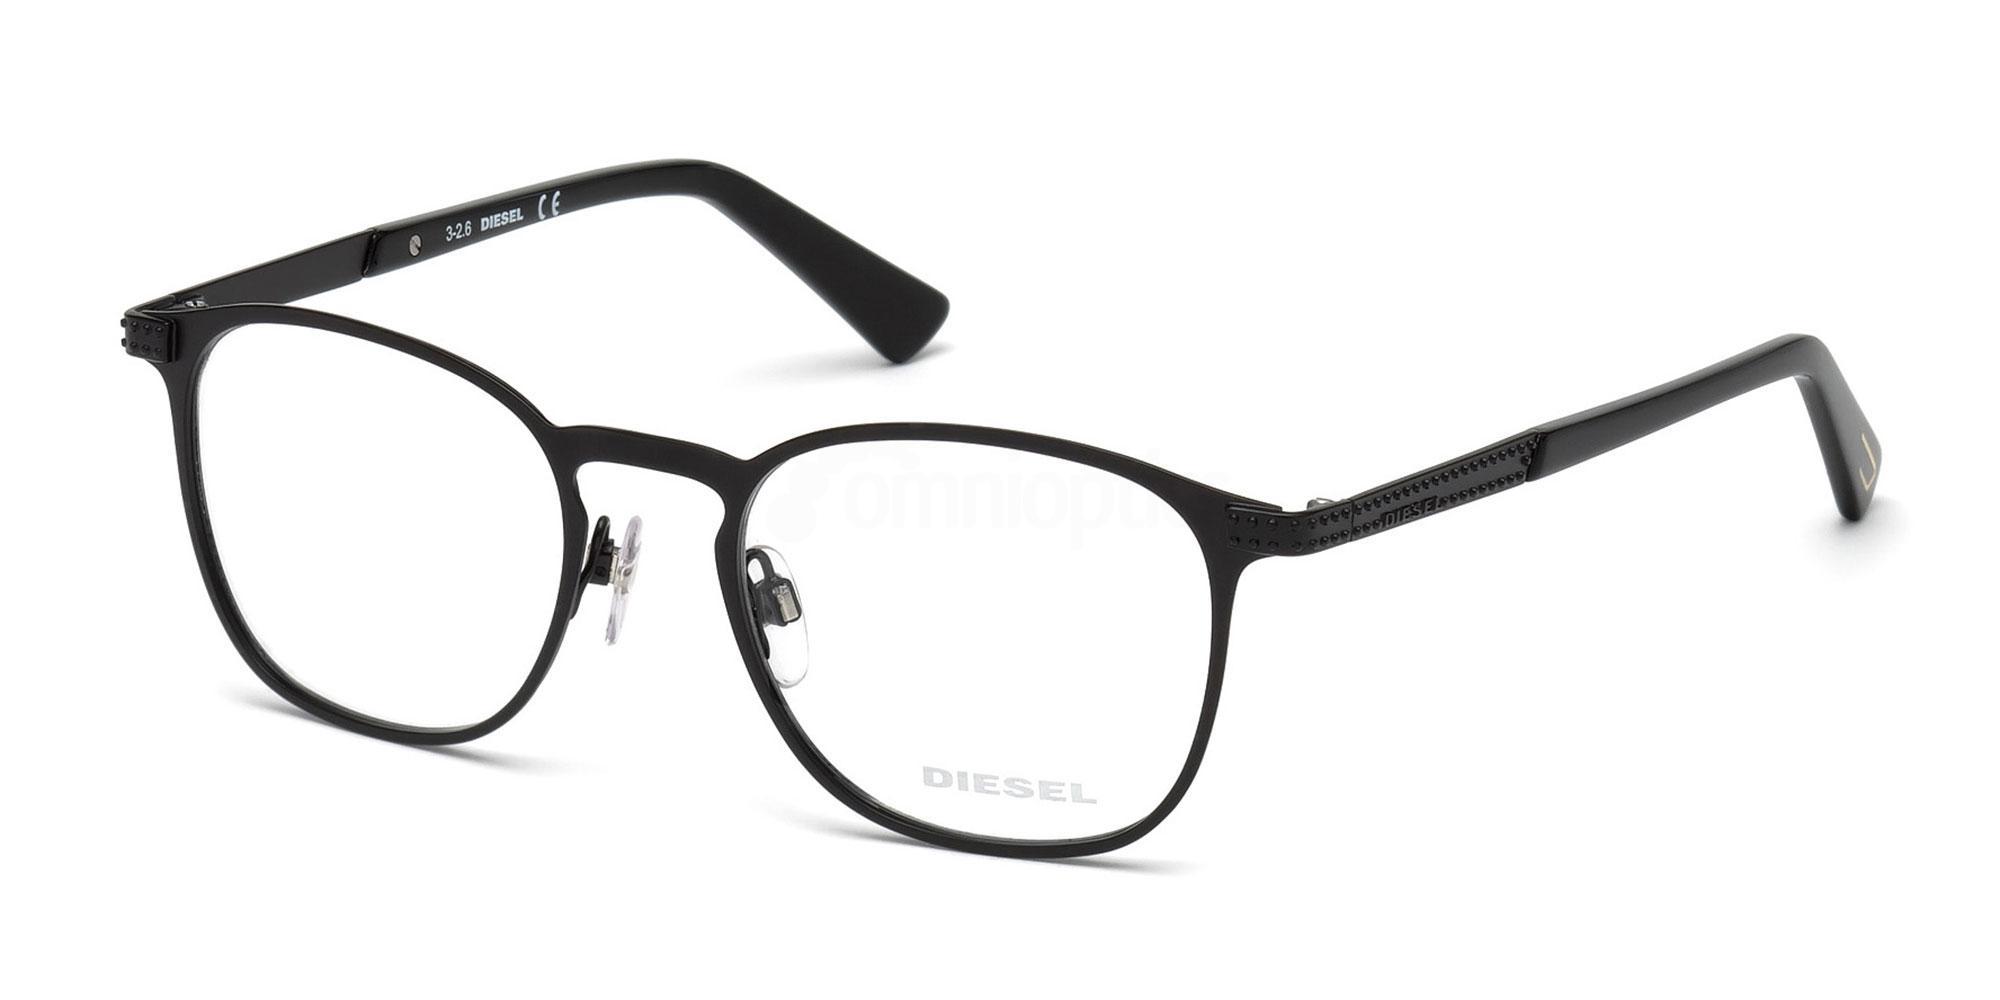 002 DL5248 Glasses, Diesel